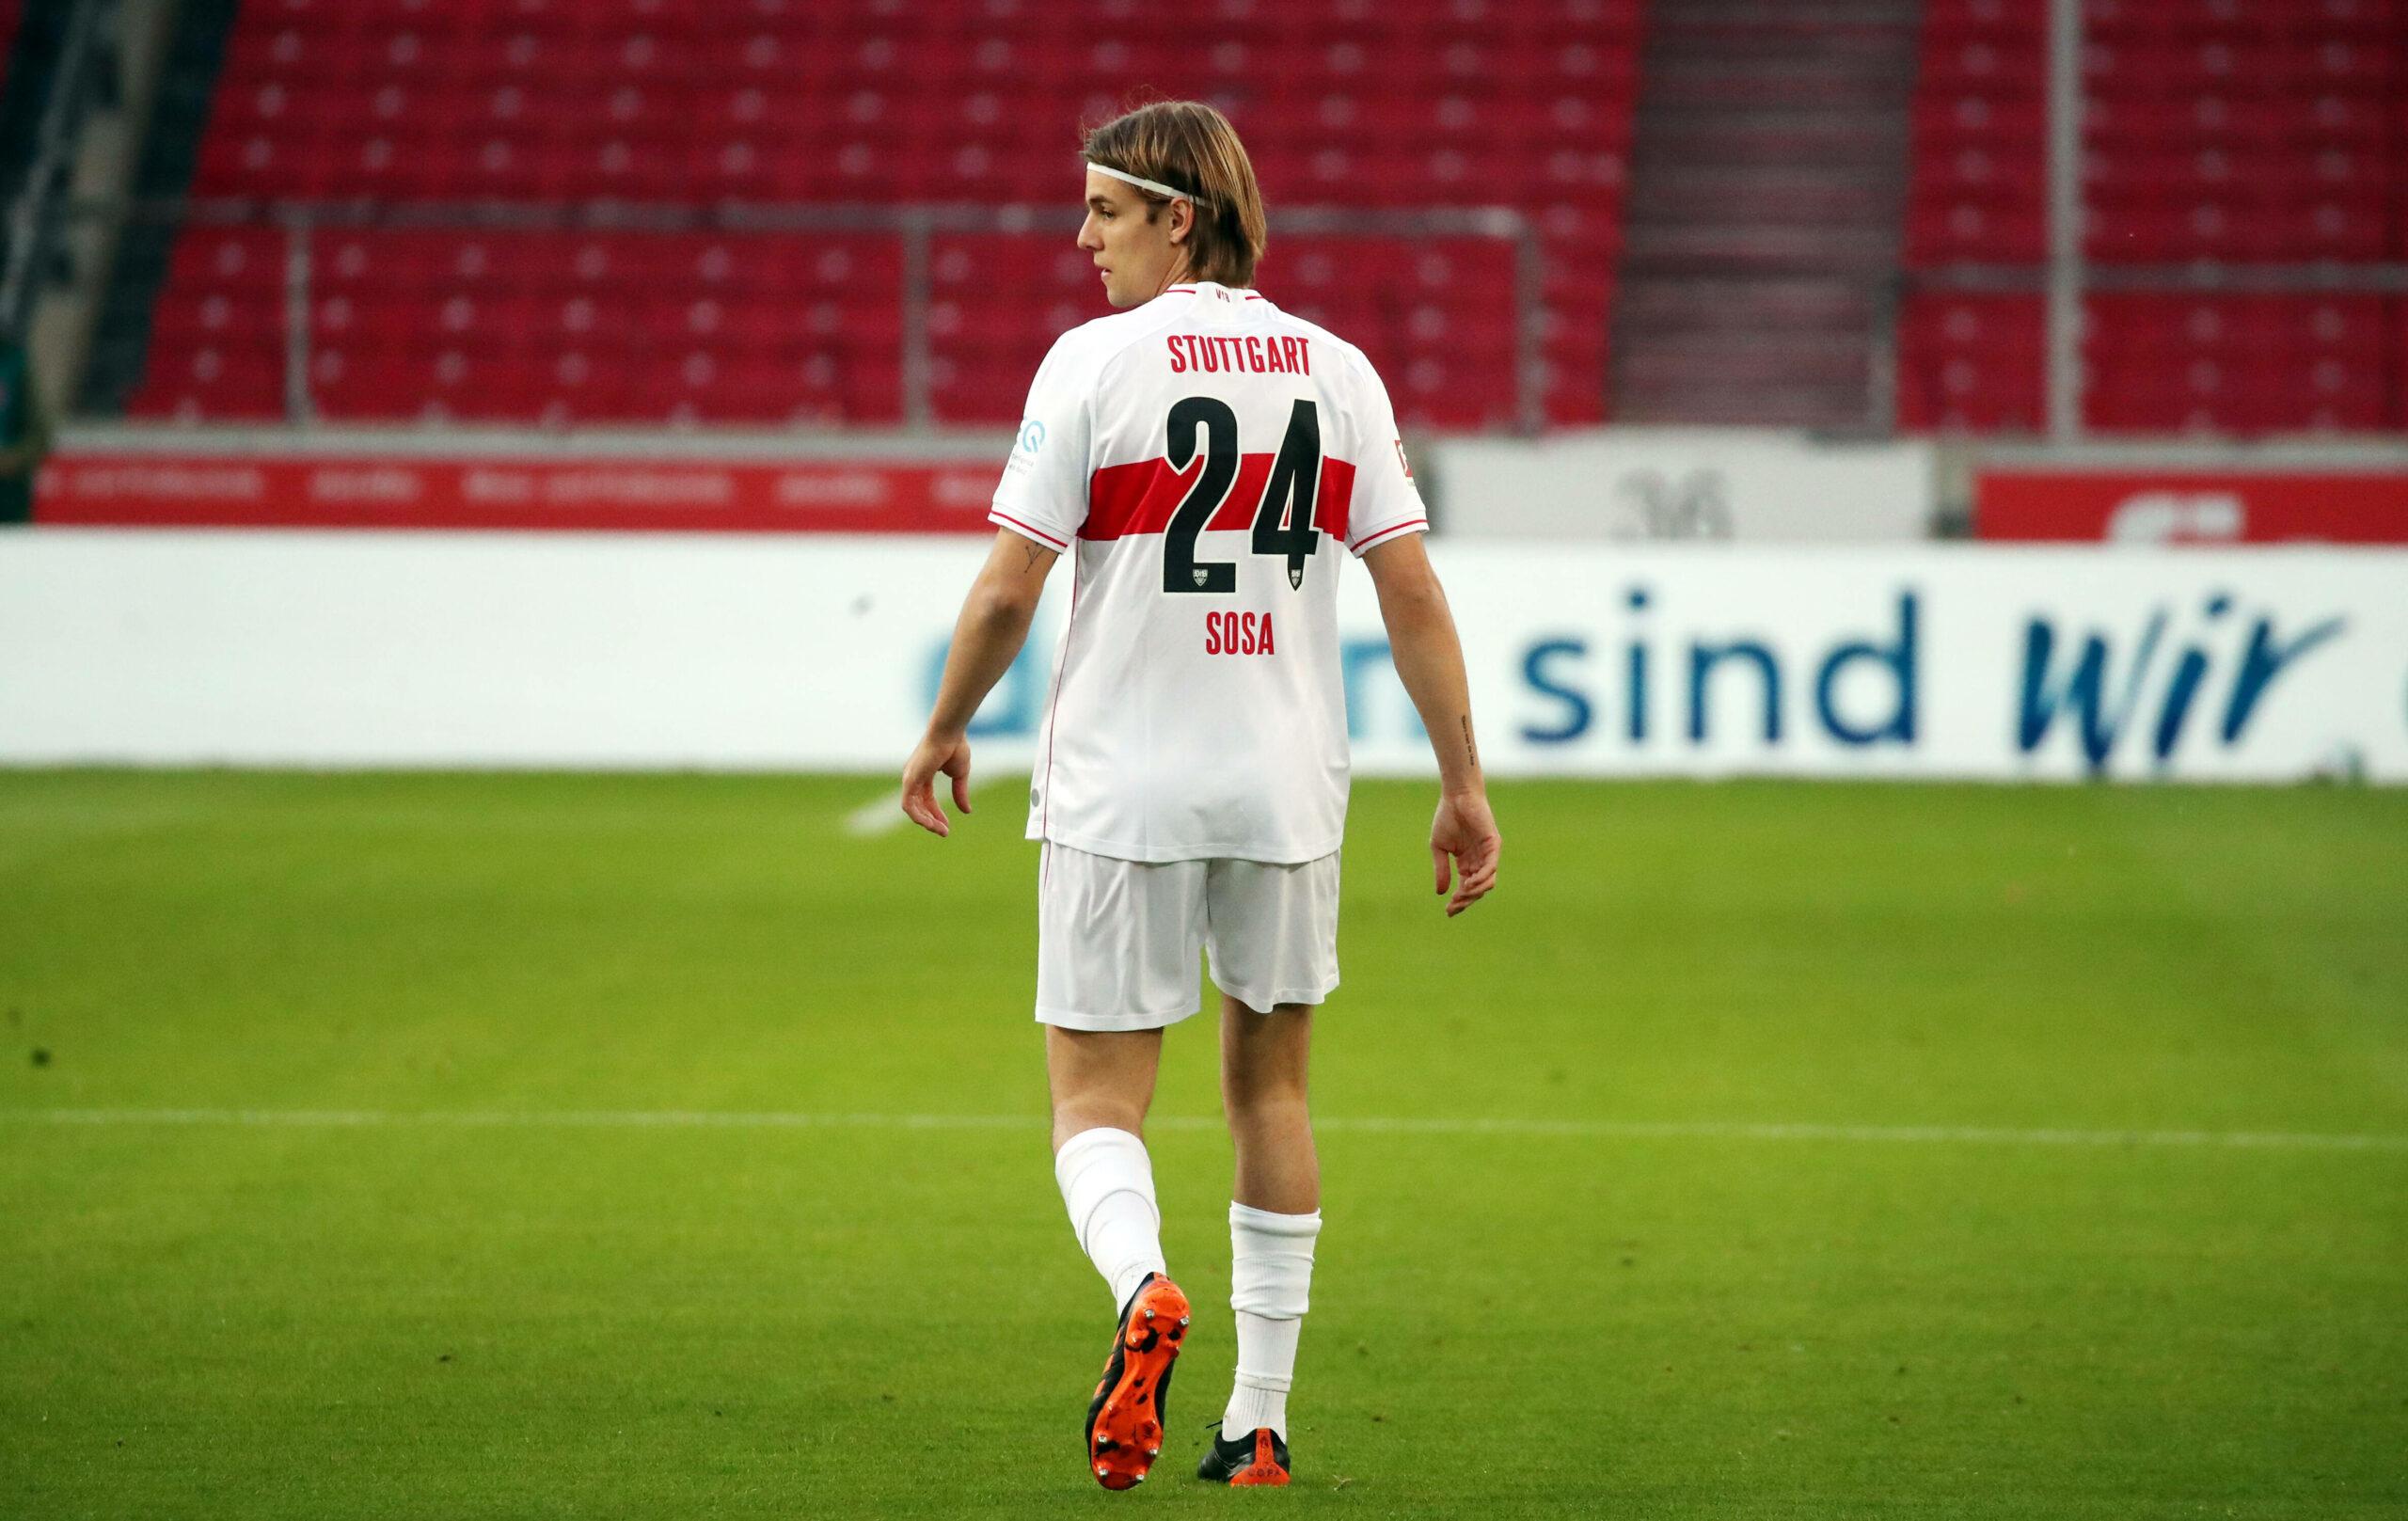 Borna Sosa vom VfB Stuttgart wollte für das DFB-Team spielen